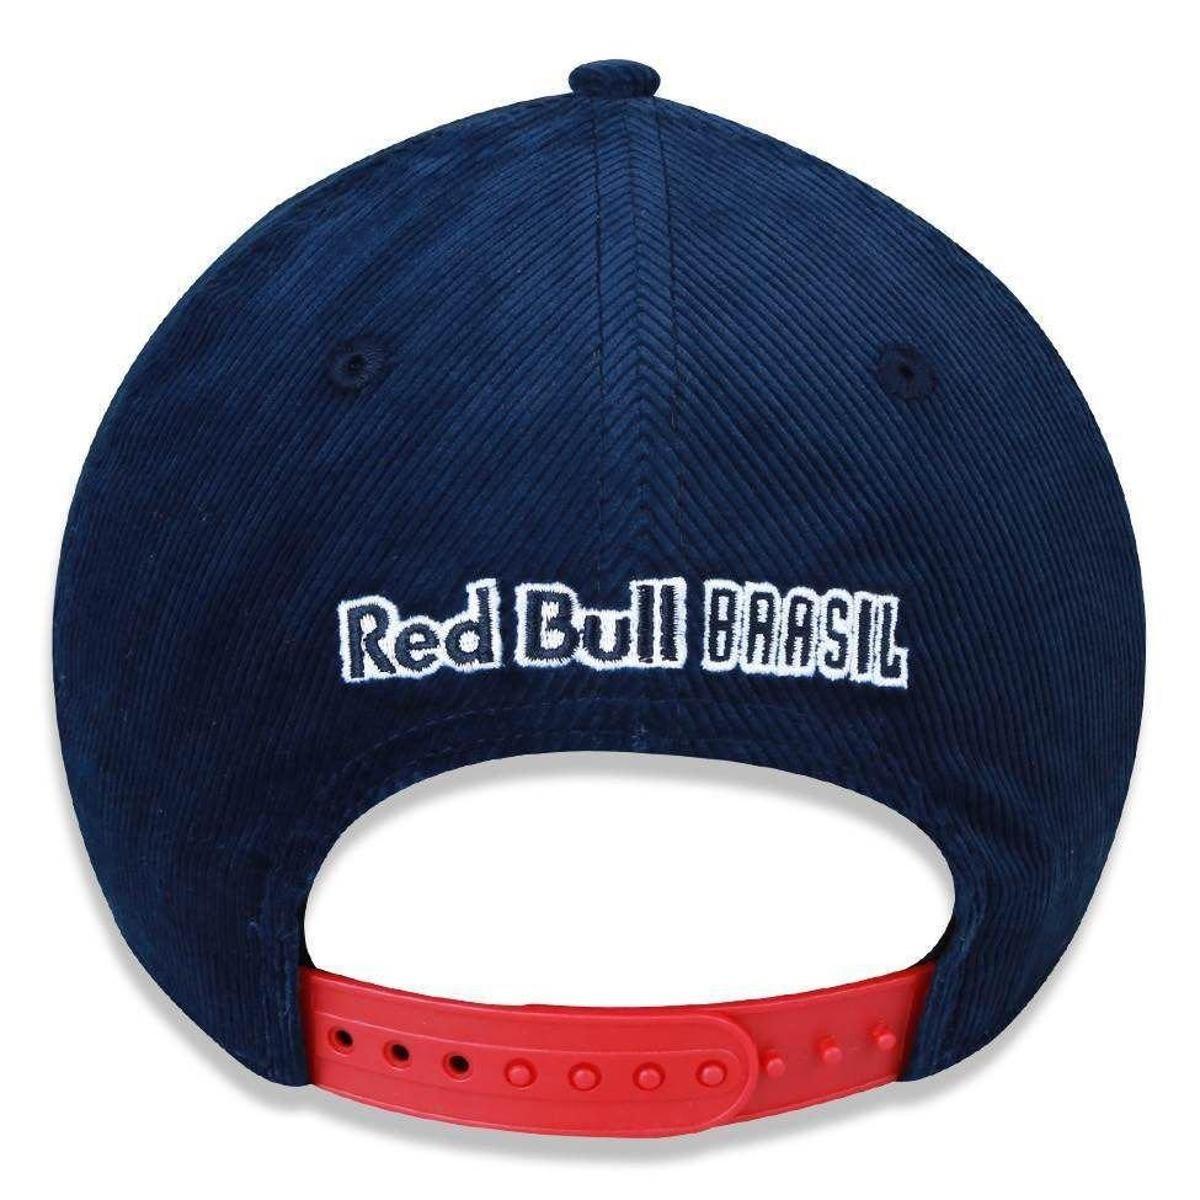 Boné New Era Red Bull Brasil Soccer 940 Hp Sn Little Logo - Compre ... 3c1993d3eb5